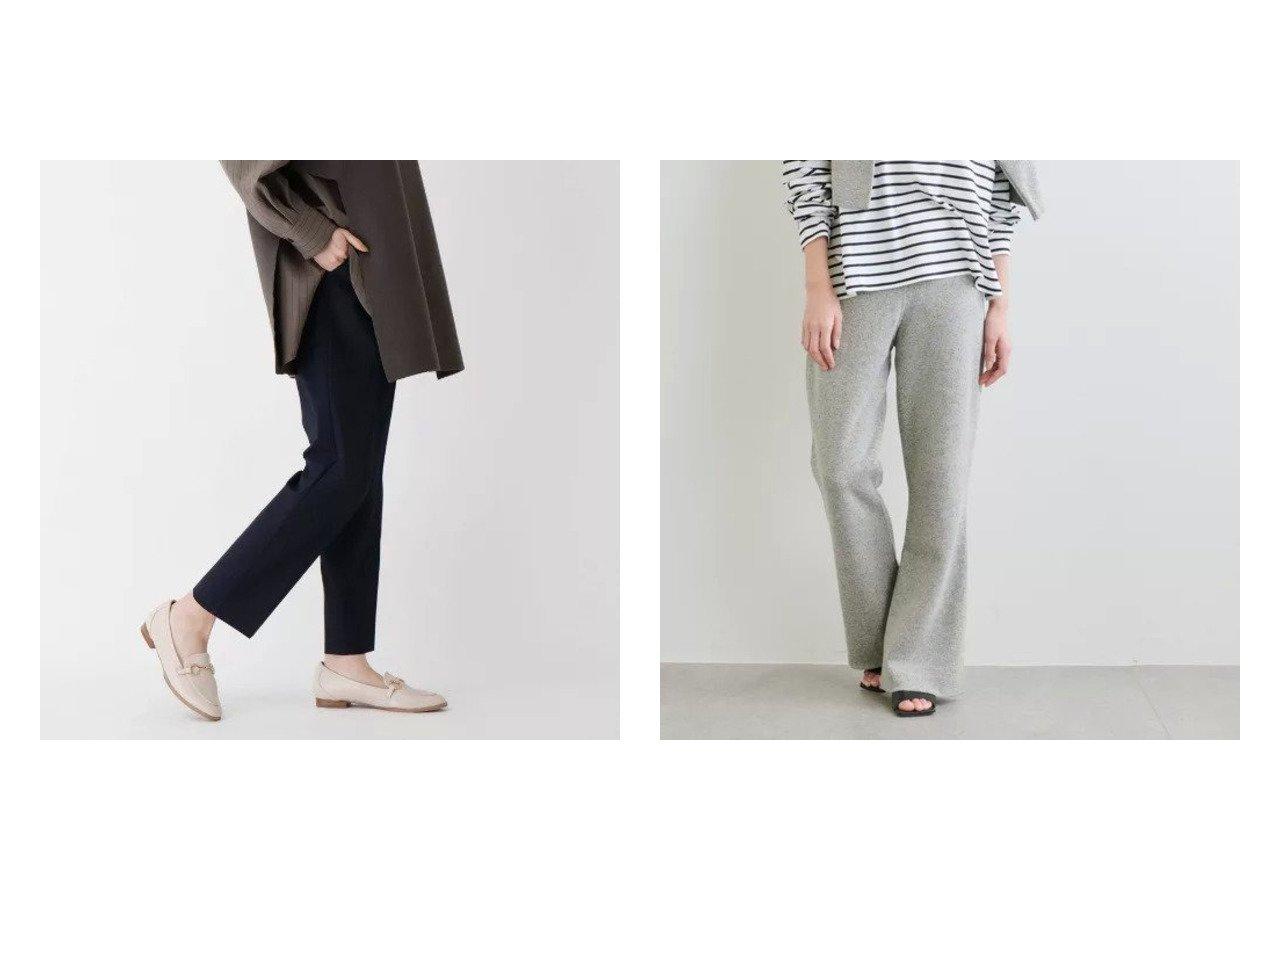 【OPAQUE.CLIP/オペークドットクリップ】の【WEB限定サイズ・カラーあり】beautiful stretch テーパードパンツ&【Drawing Numbers/ドローイング ナンバーズ】のシルクコットン接結ニットパンツ パンツのおすすめ!人気、トレンド・レディースファッションの通販  おすすめで人気の流行・トレンド、ファッションの通販商品 メンズファッション・キッズファッション・インテリア・家具・レディースファッション・服の通販 founy(ファニー) https://founy.com/ ファッション Fashion レディースファッション WOMEN パンツ Pants カットソー ストレッチ センター パターン ベーシック ポケット ミックス インナー シルク スリット セットアップ |ID:crp329100000018903